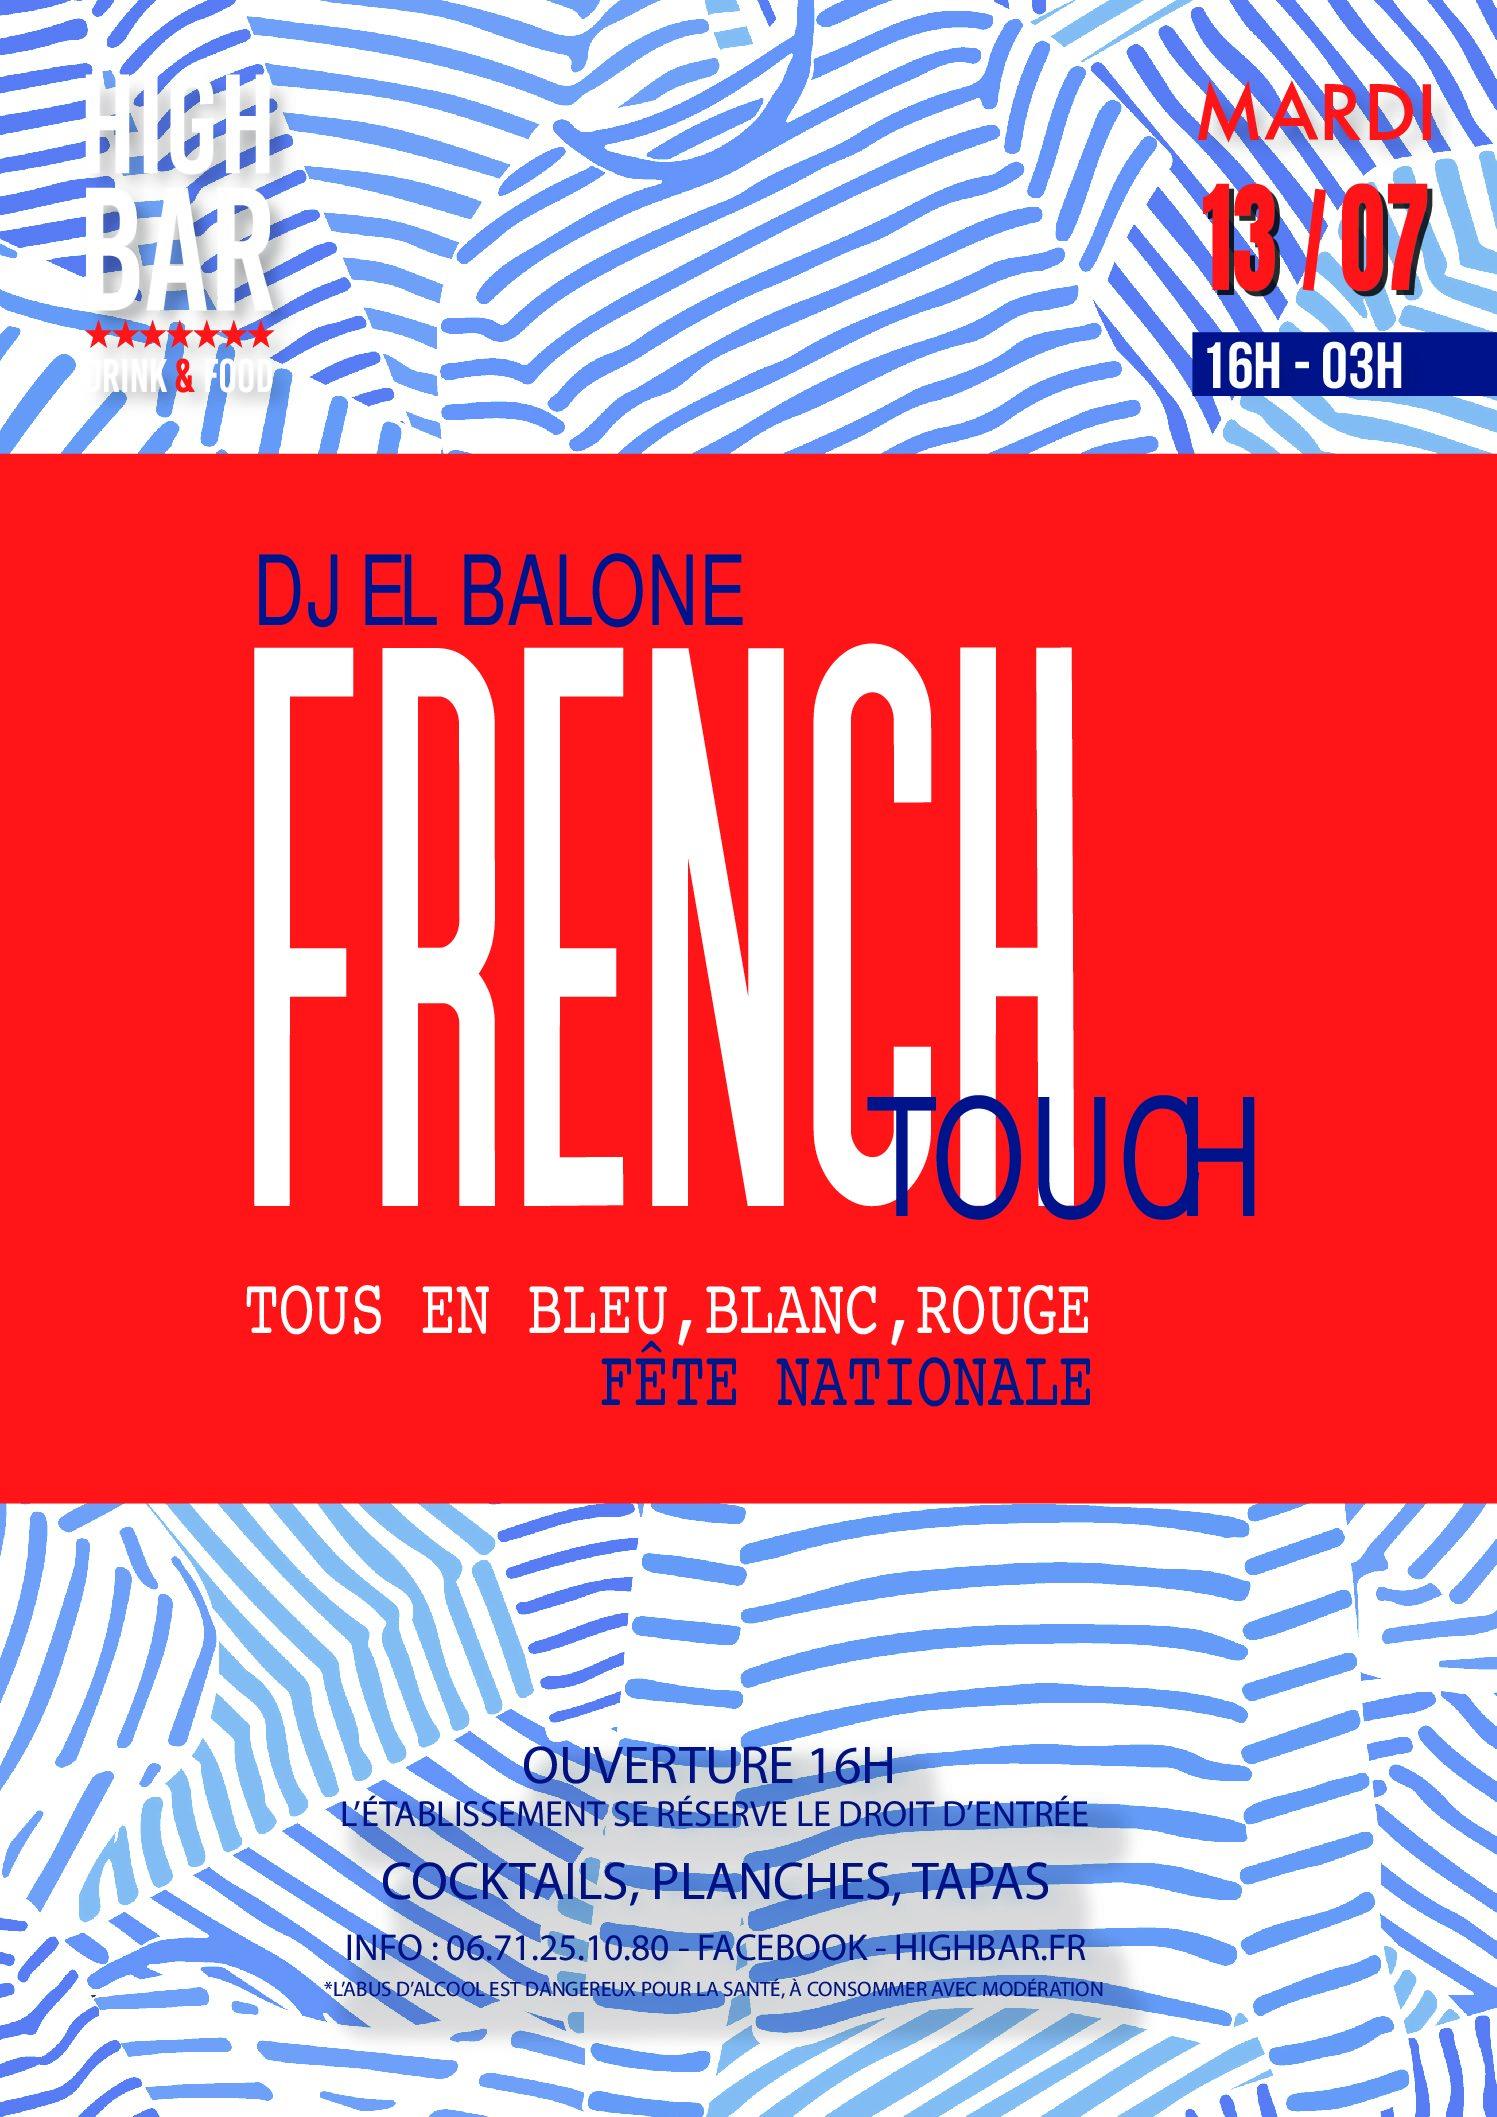 // FRENCH TOUCH-Veille de jour férié //